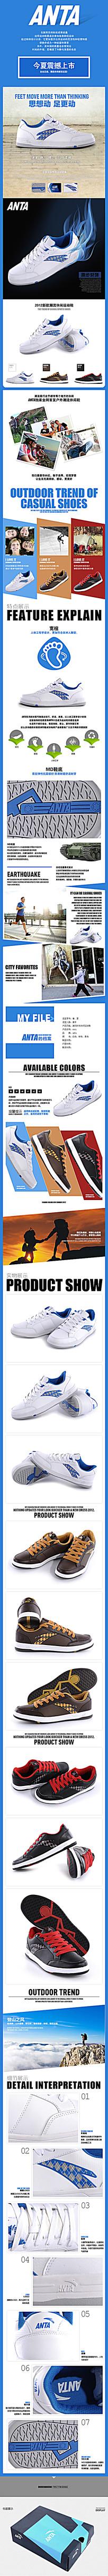 安踏运动鞋商品详情图组